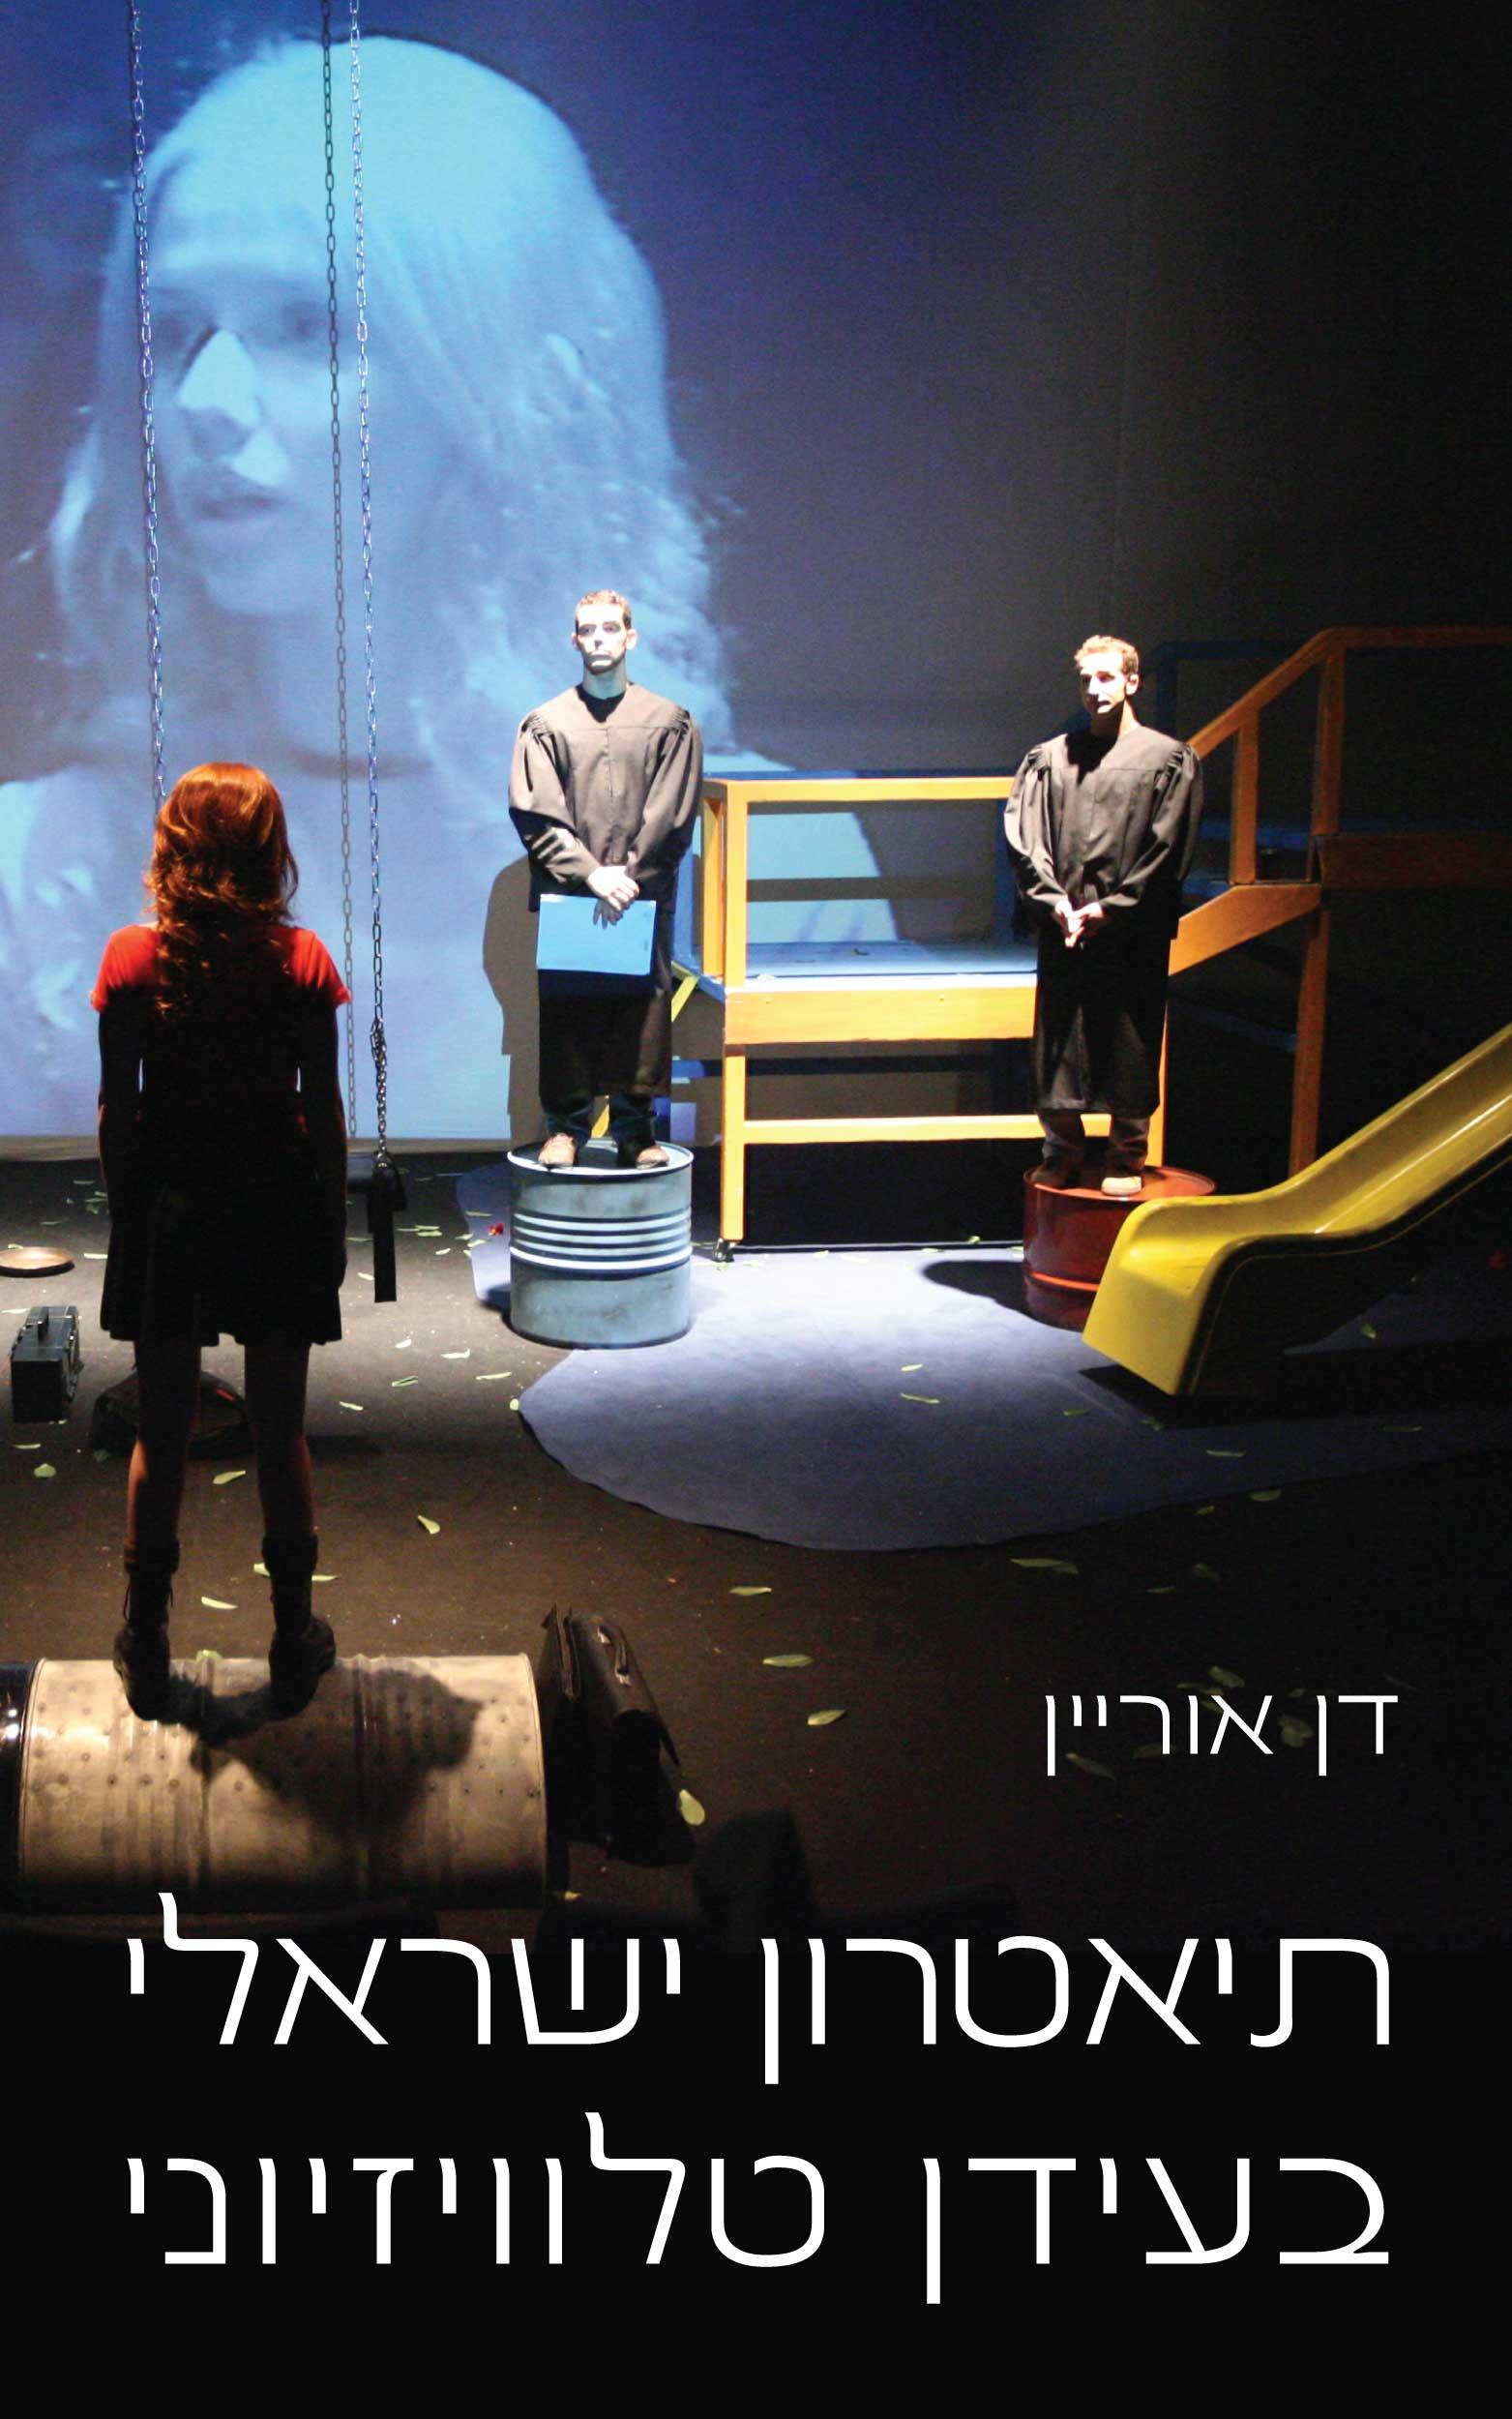 עטיפת הספר 'תיאטרון ישראלי בעידן טלוויזיוני'/דן אוריין (צילום על העטיפה: משה שי)